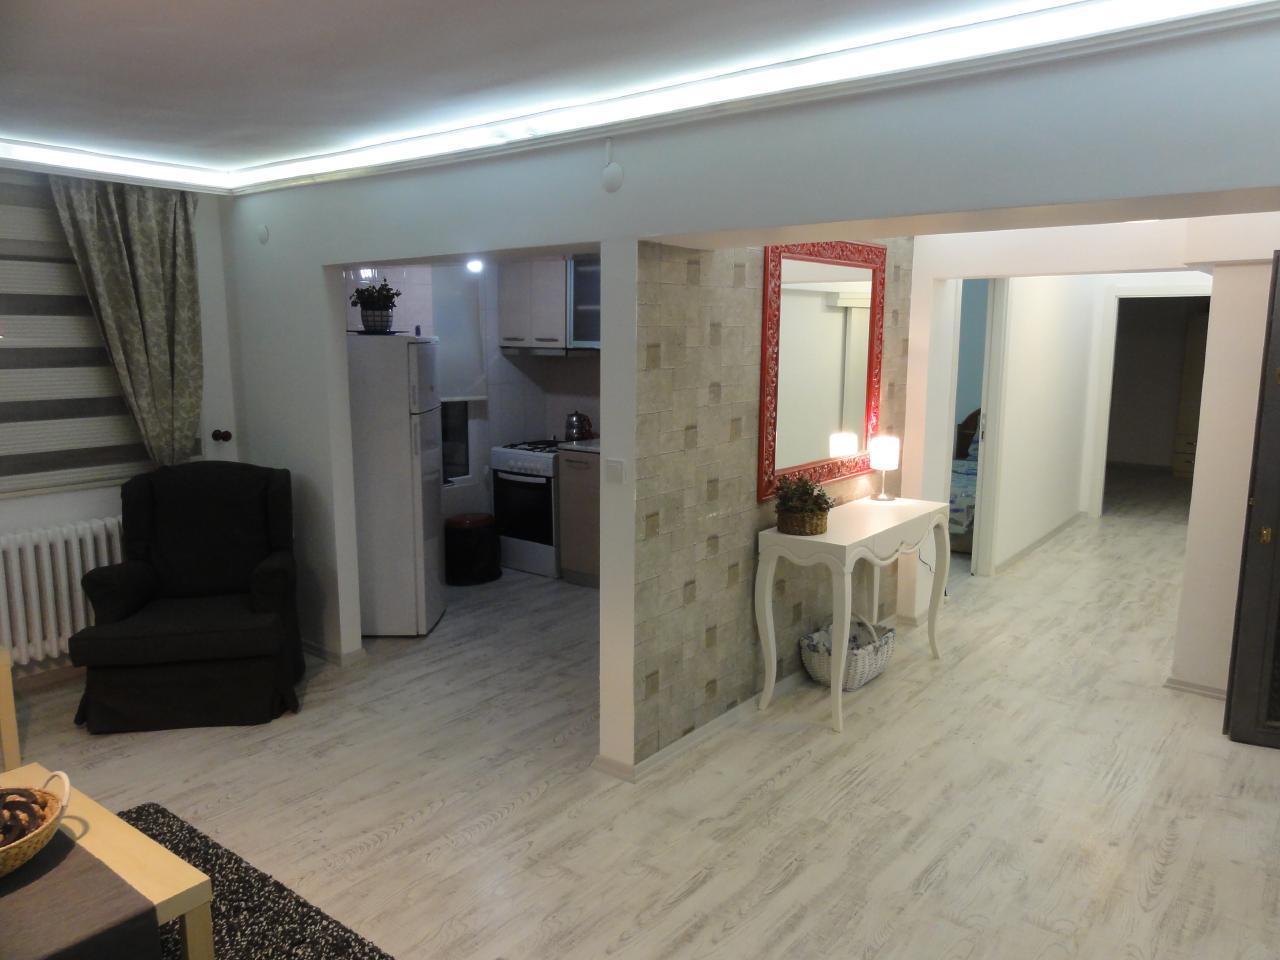 Ferienwohnung Evodak Apartment D 2A (1710500), Balgat, , Zentralanatolien, Türkei, Bild 28